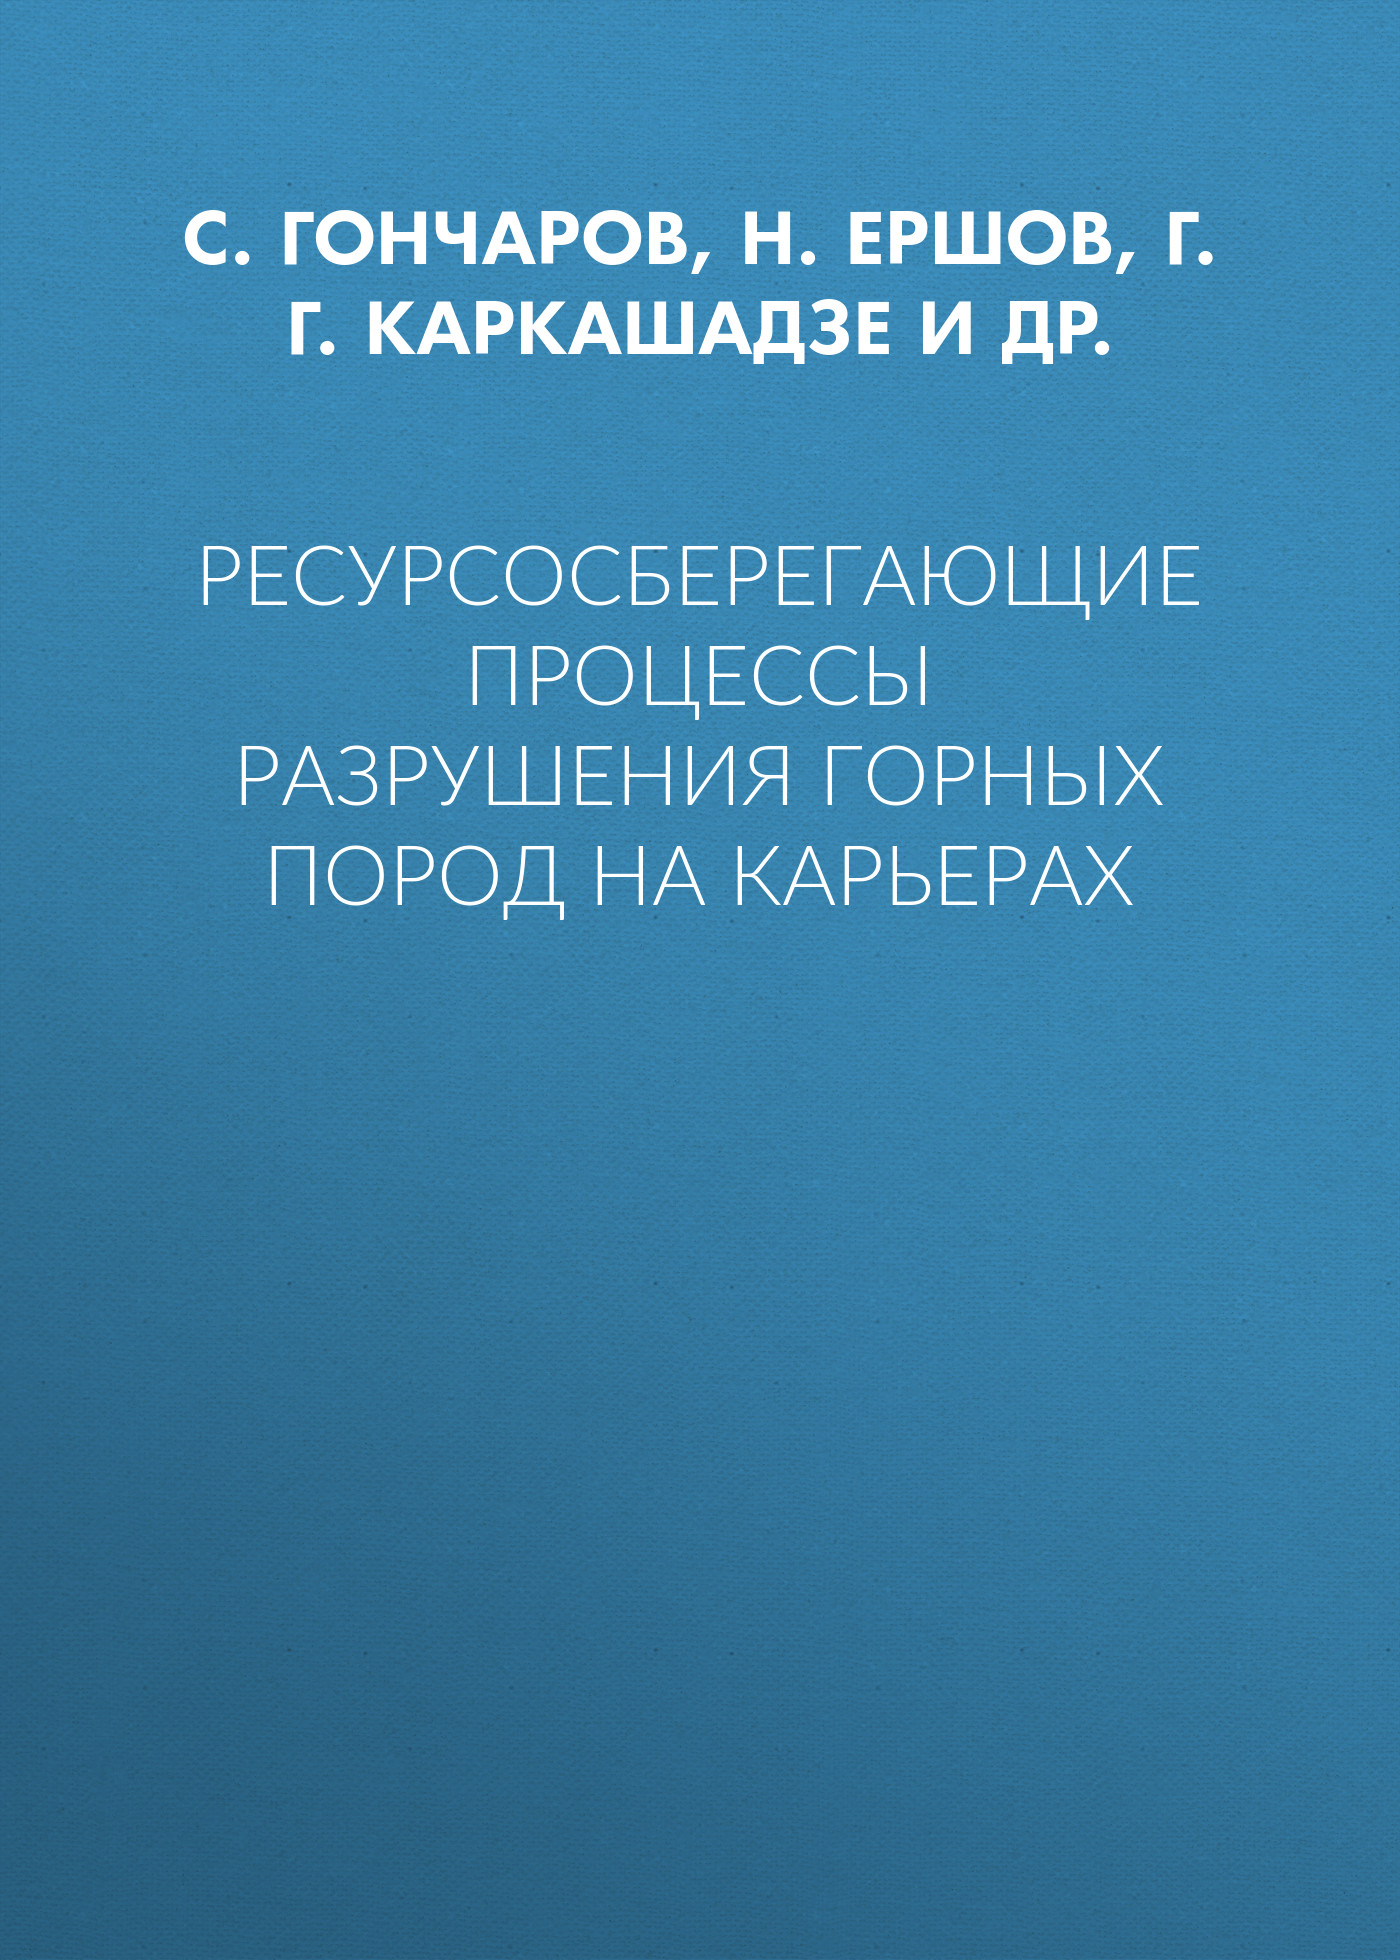 Г. Г. Каркашадзе Ресурсосберегающие процессы разрушения горных пород на карьерах сергей сенашов предельное состояние деформируемых тел и горных пород